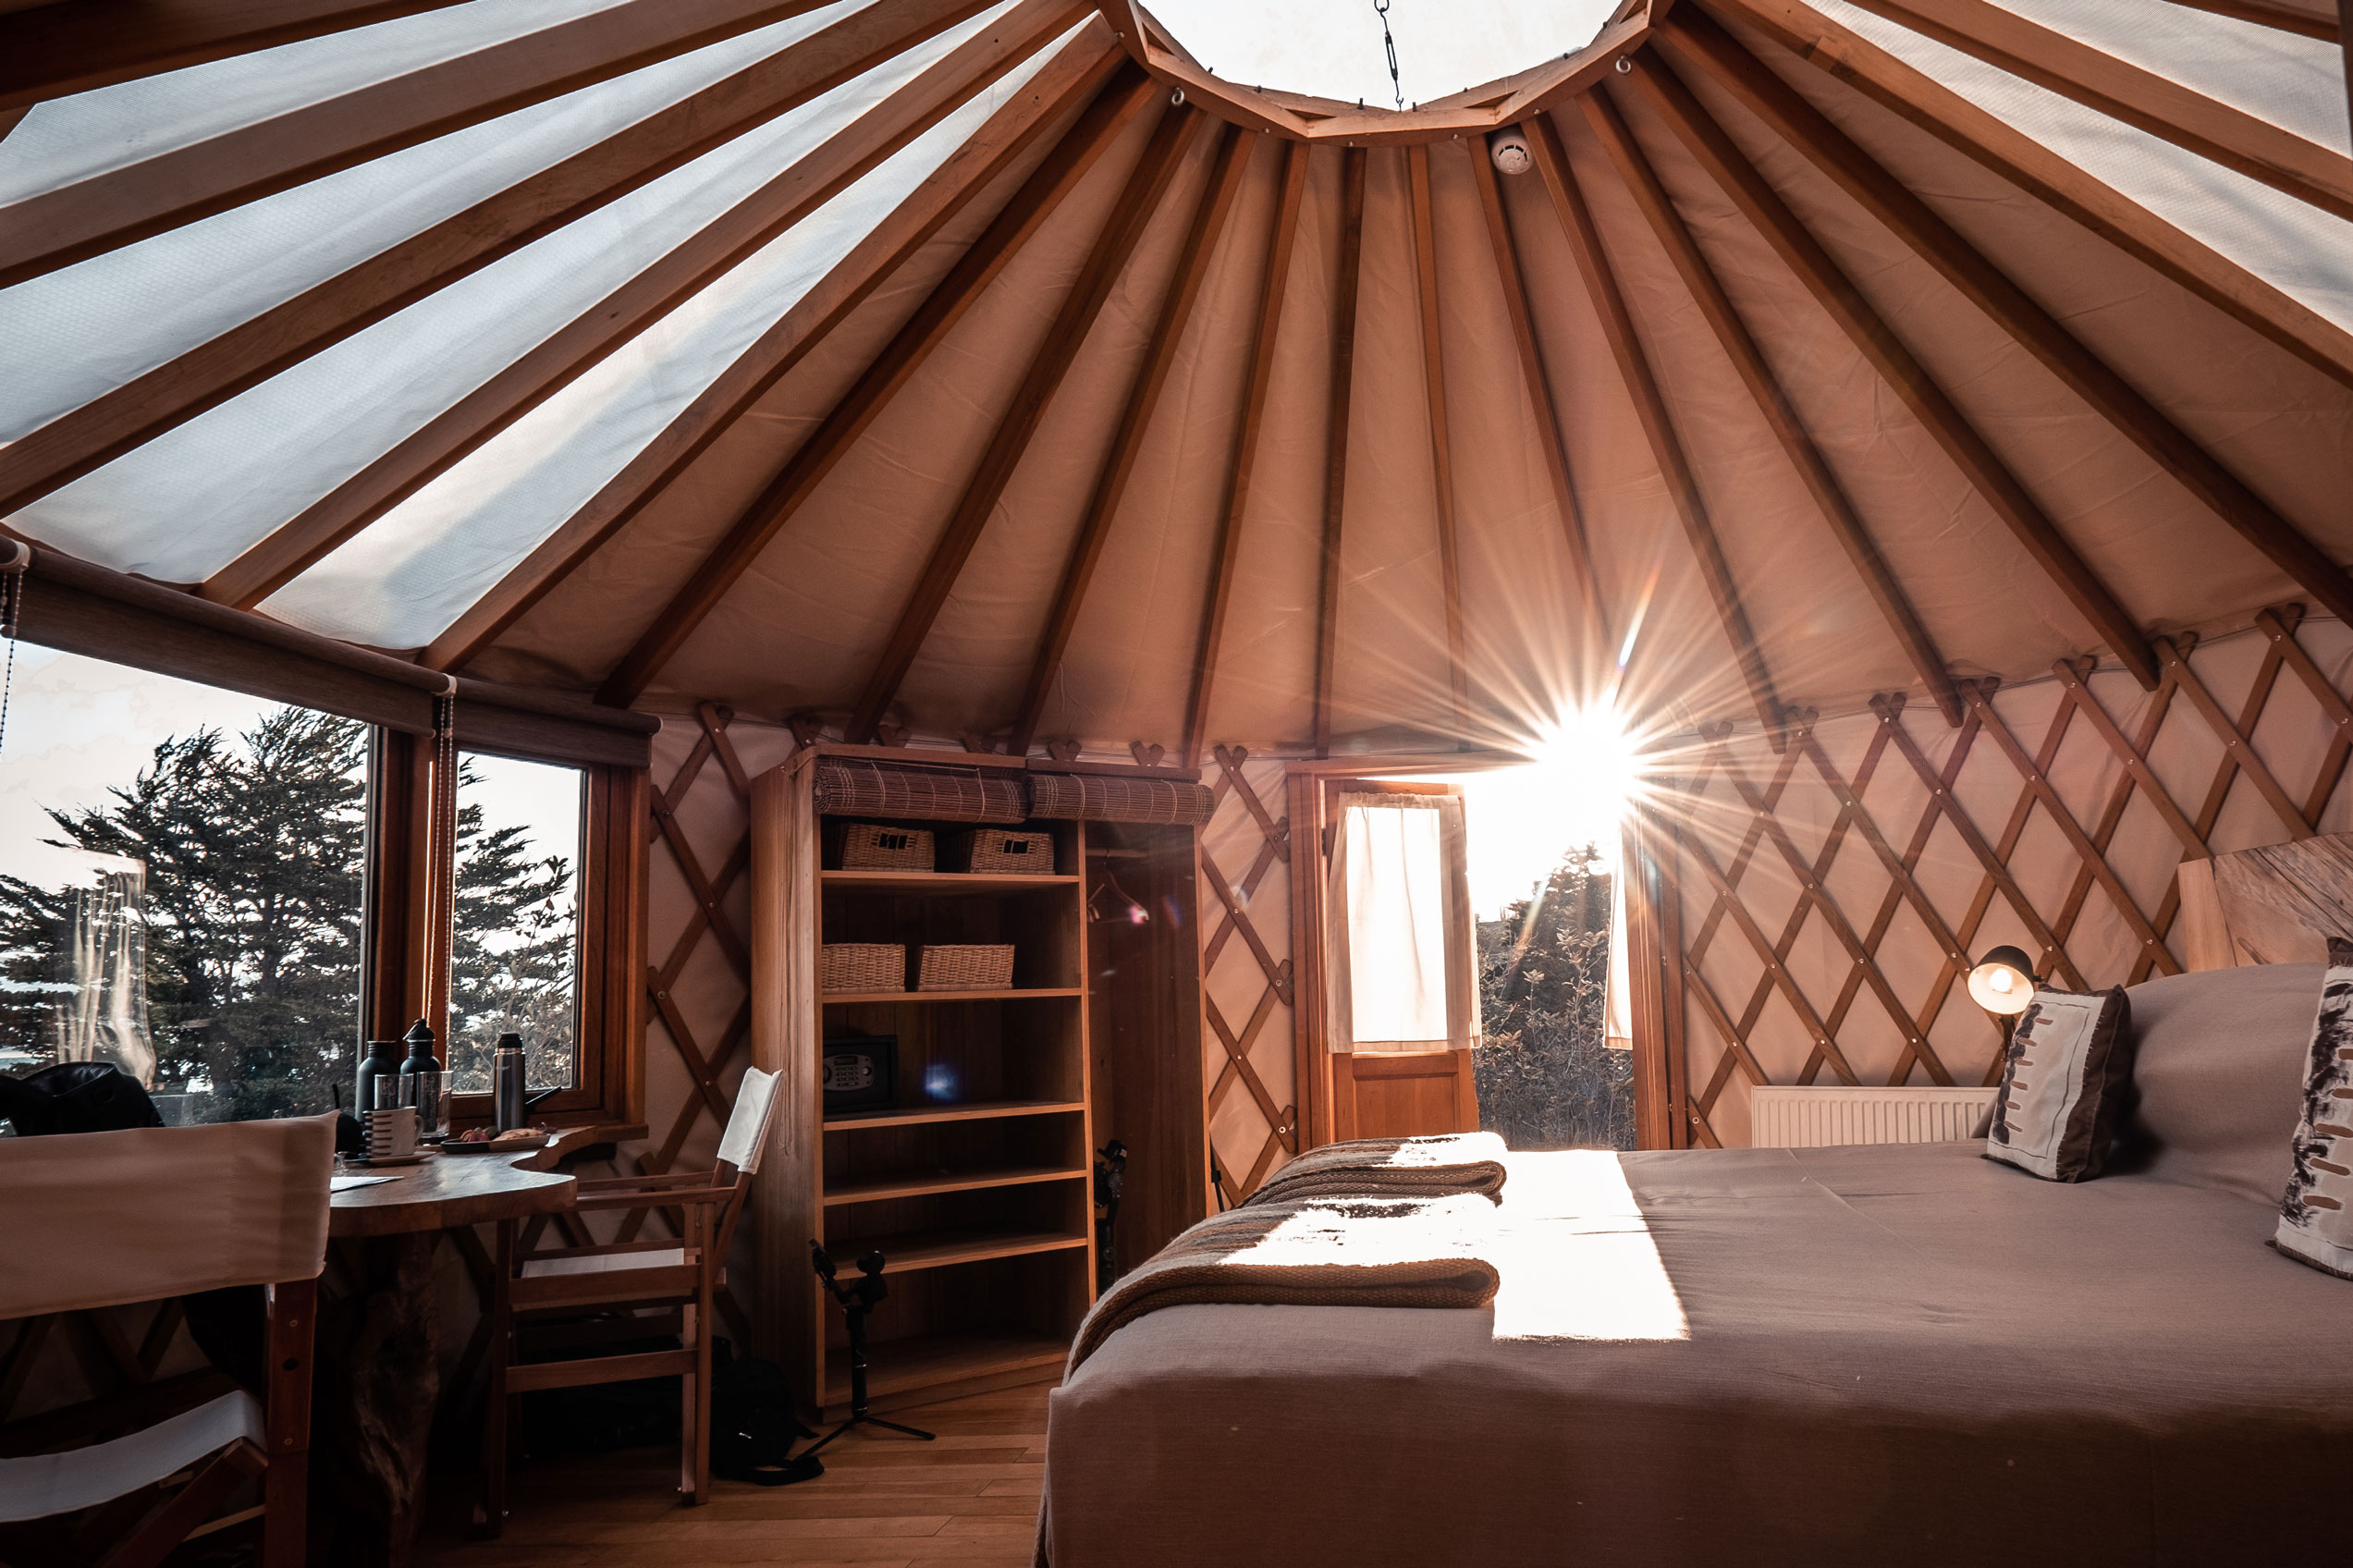 Patagonia Yurts